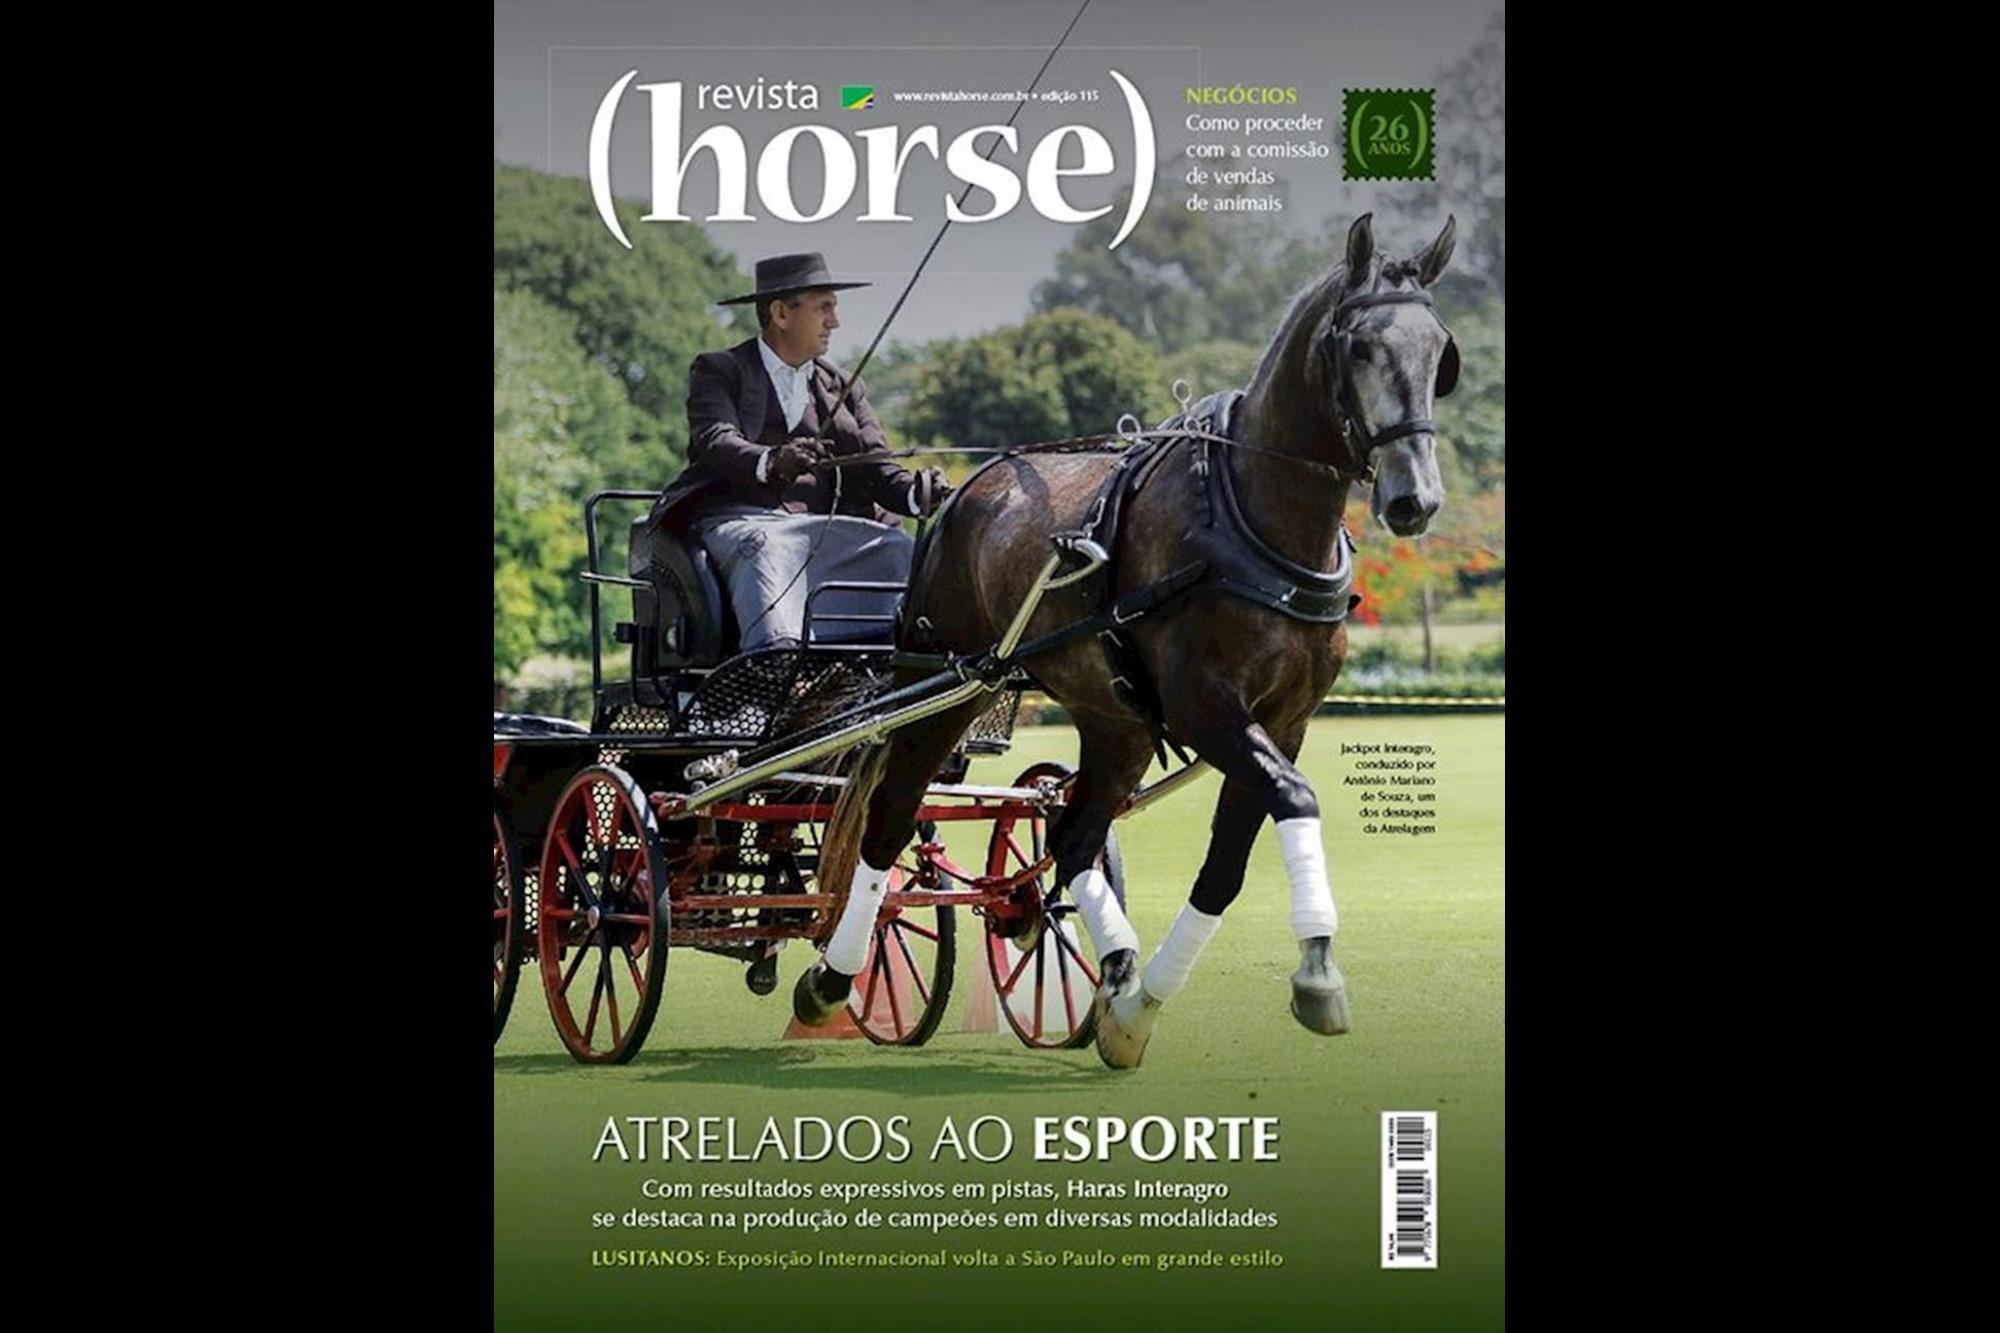 Edição 115 - Campeão categoria Raças, Capa Revista Horse, Heleno Clemente, Eleja a capa mais bonita